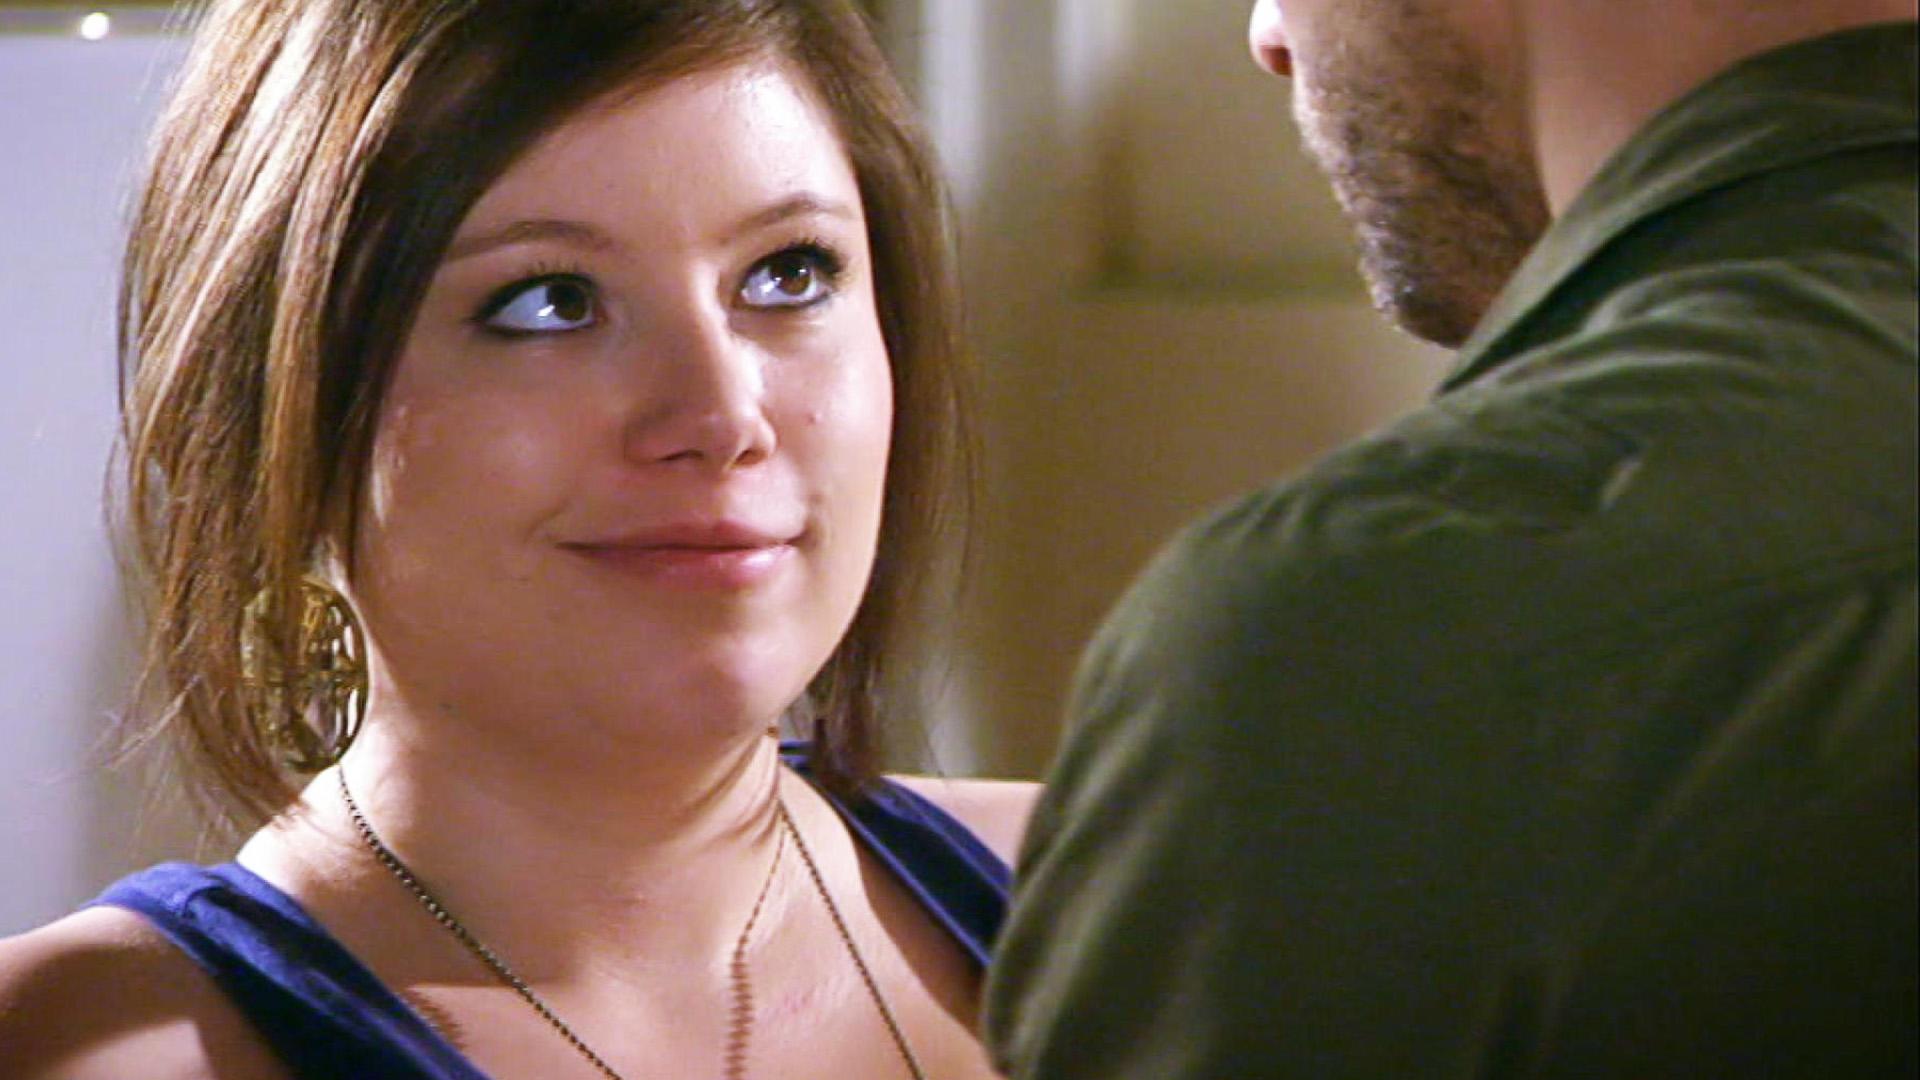 Tom ist zurück und Vanessa hat wieder Gefühle für ihn | Folge 1224